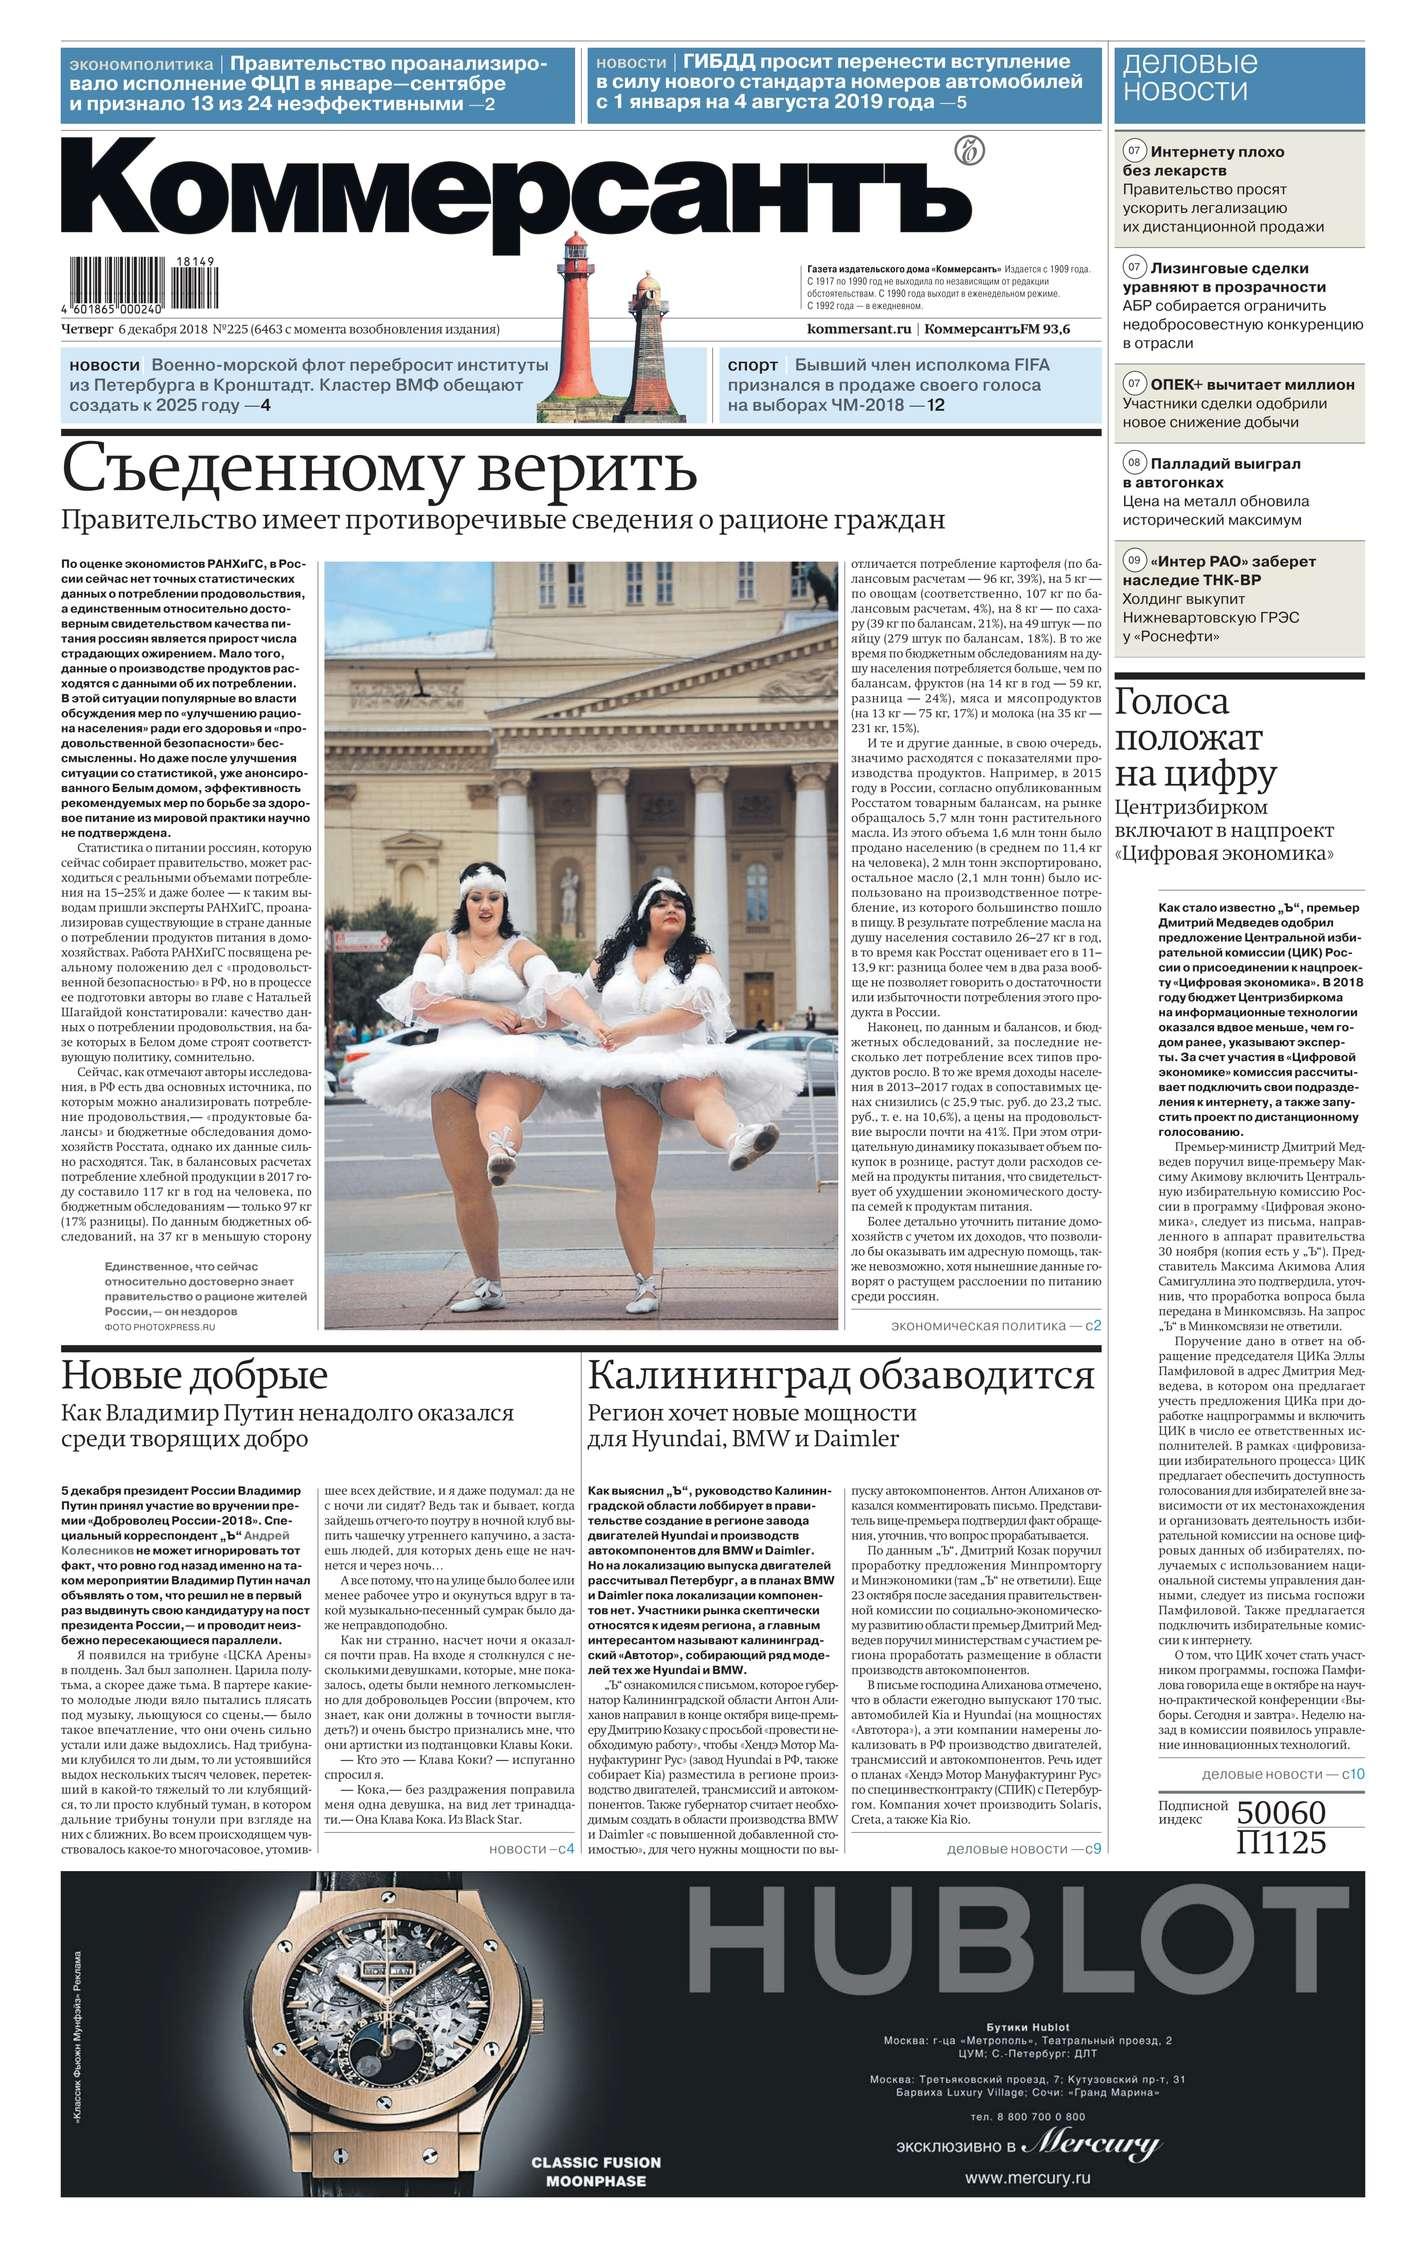 Редакция газеты Коммерсантъ (понедельник-пятница) Коммерсантъ (понедельник-пятница) 225-2018 цена